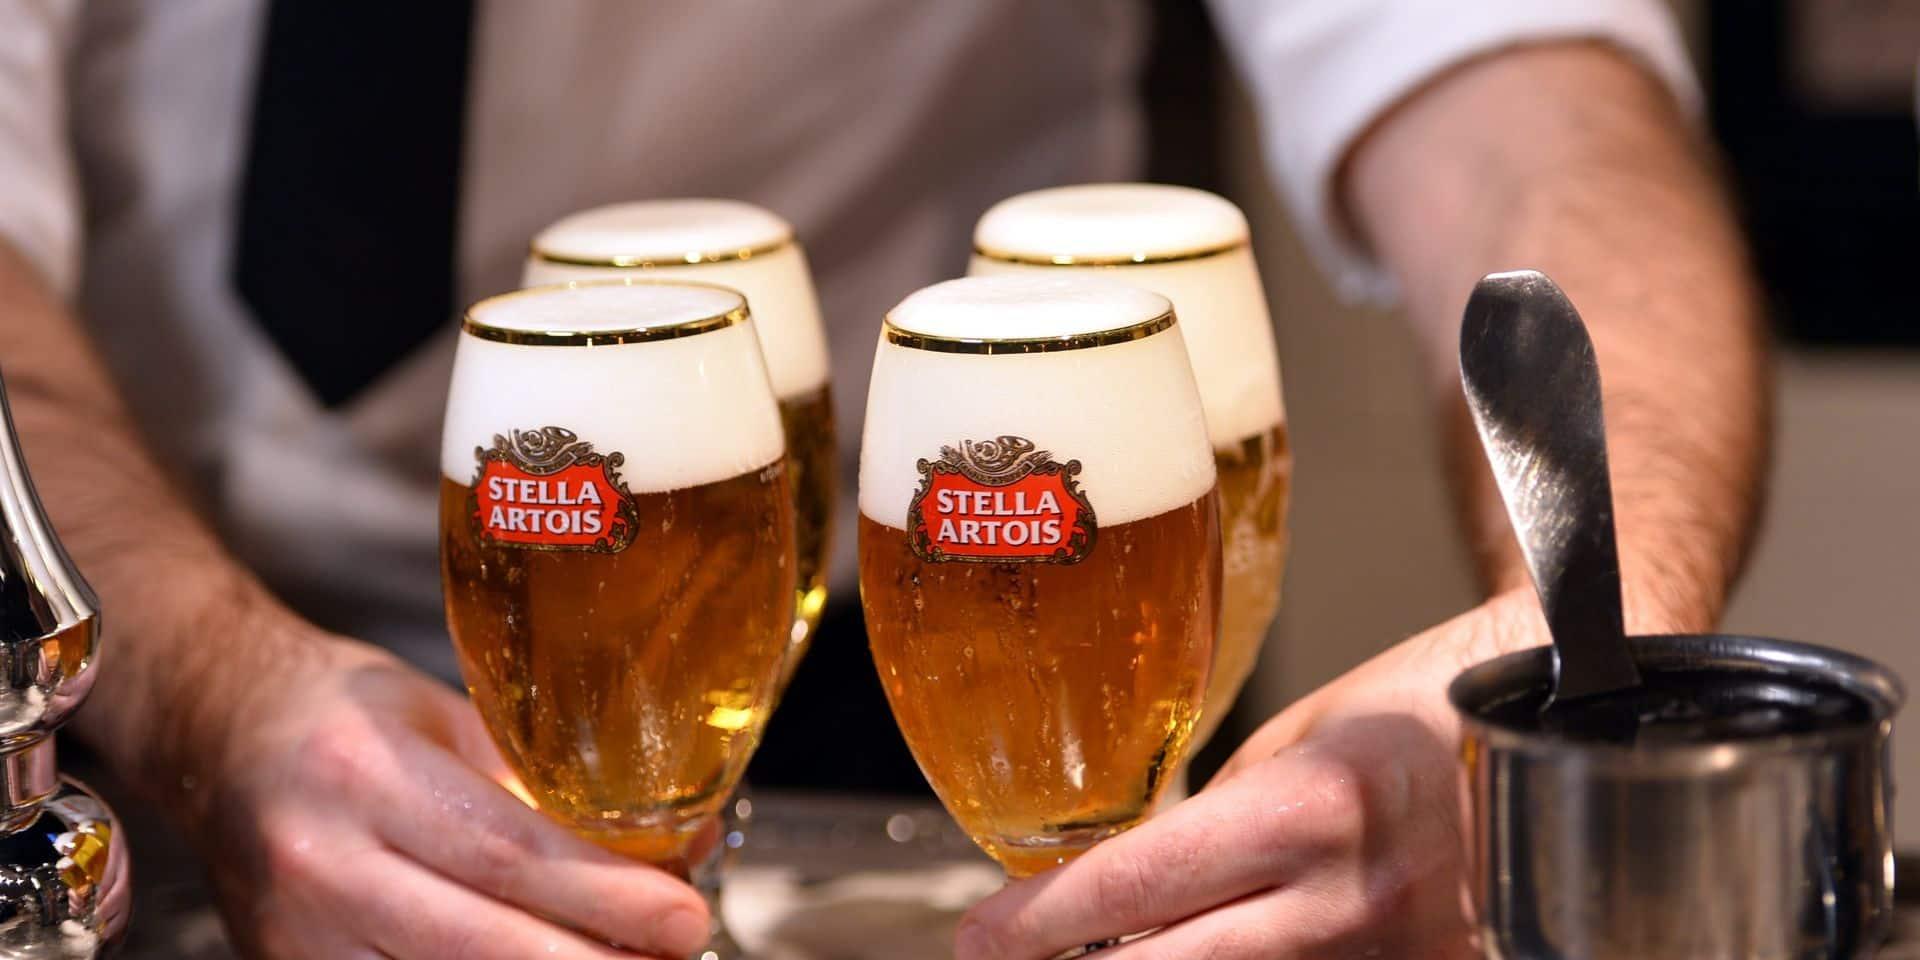 14 ans après sa dernière campagne de communication, Stella Artois veut réinvestir le marché belge